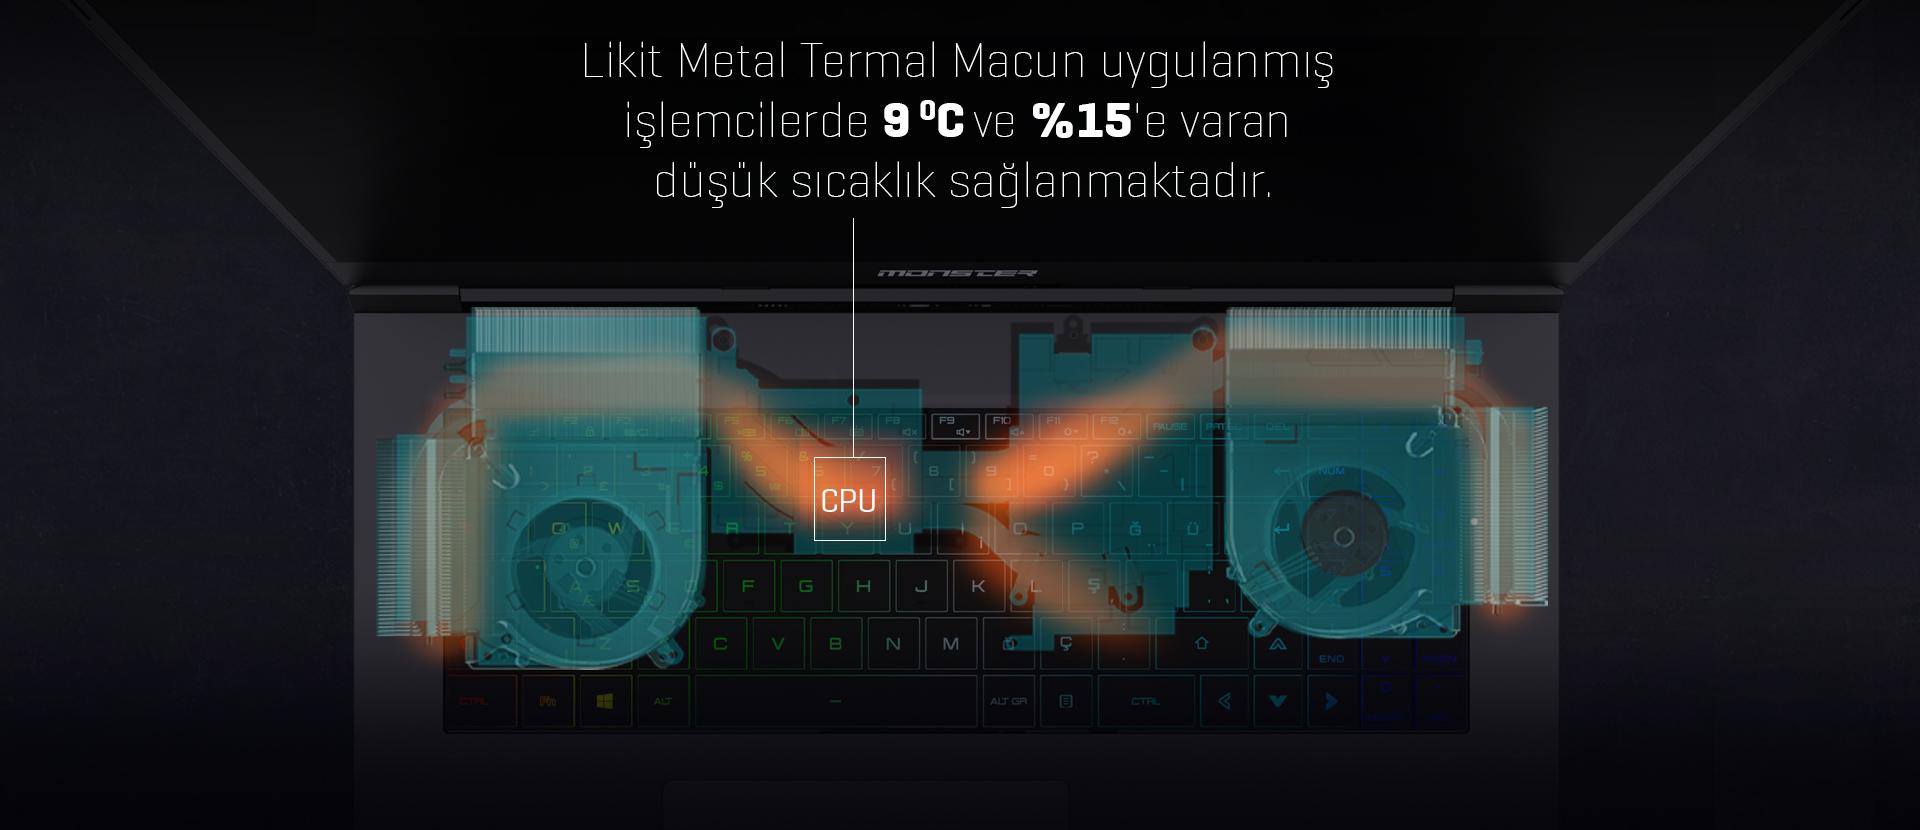 Monster Notebook Tulpar T7 V21.2.1